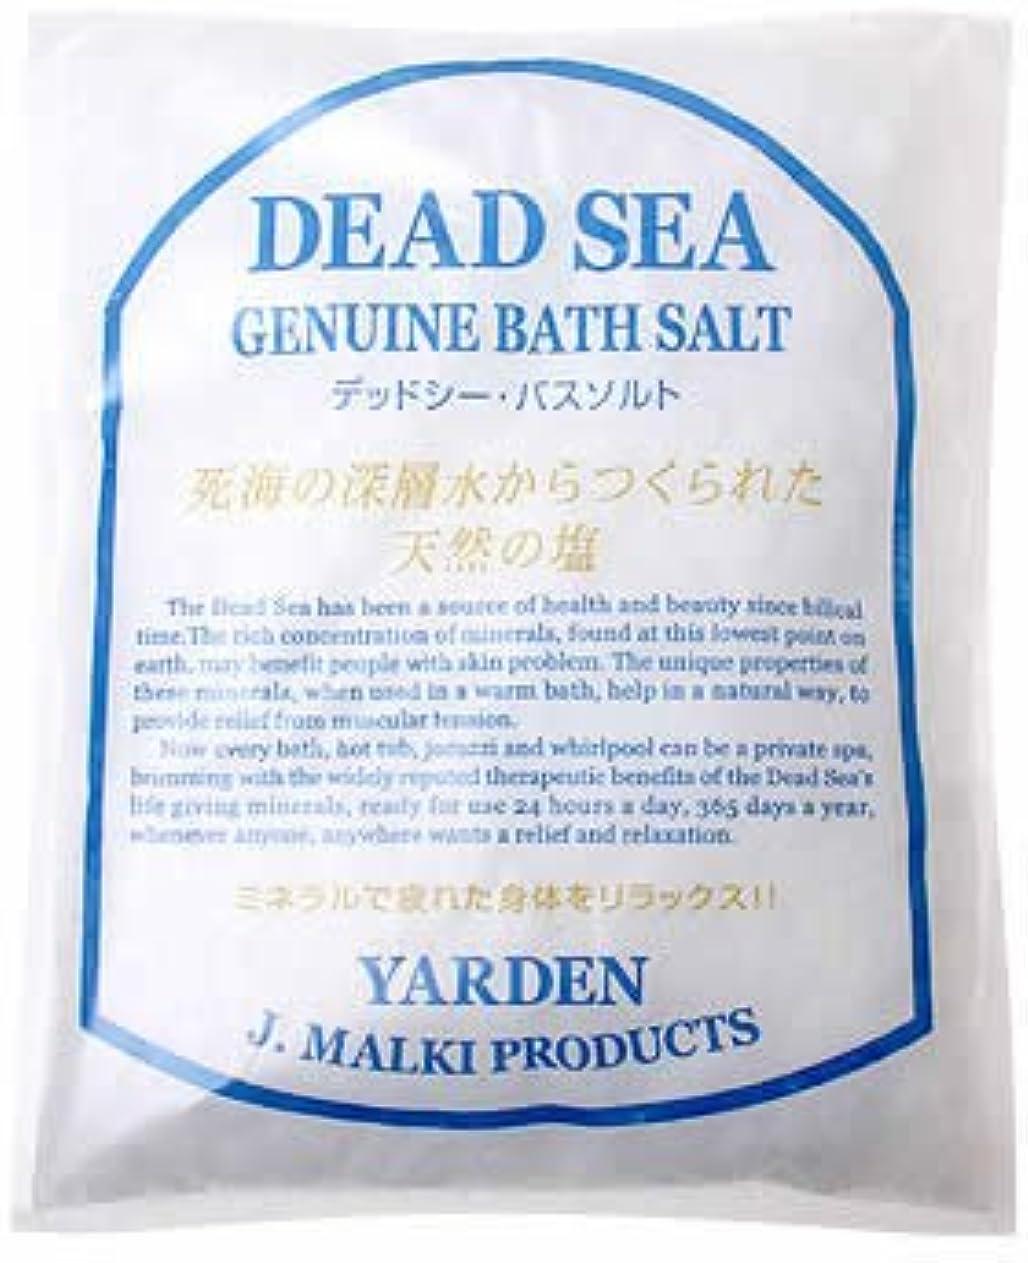 ウィスキー気づく極端なJ.M デッドシー?バスソルト(GENUINE BATH SALT) 100g